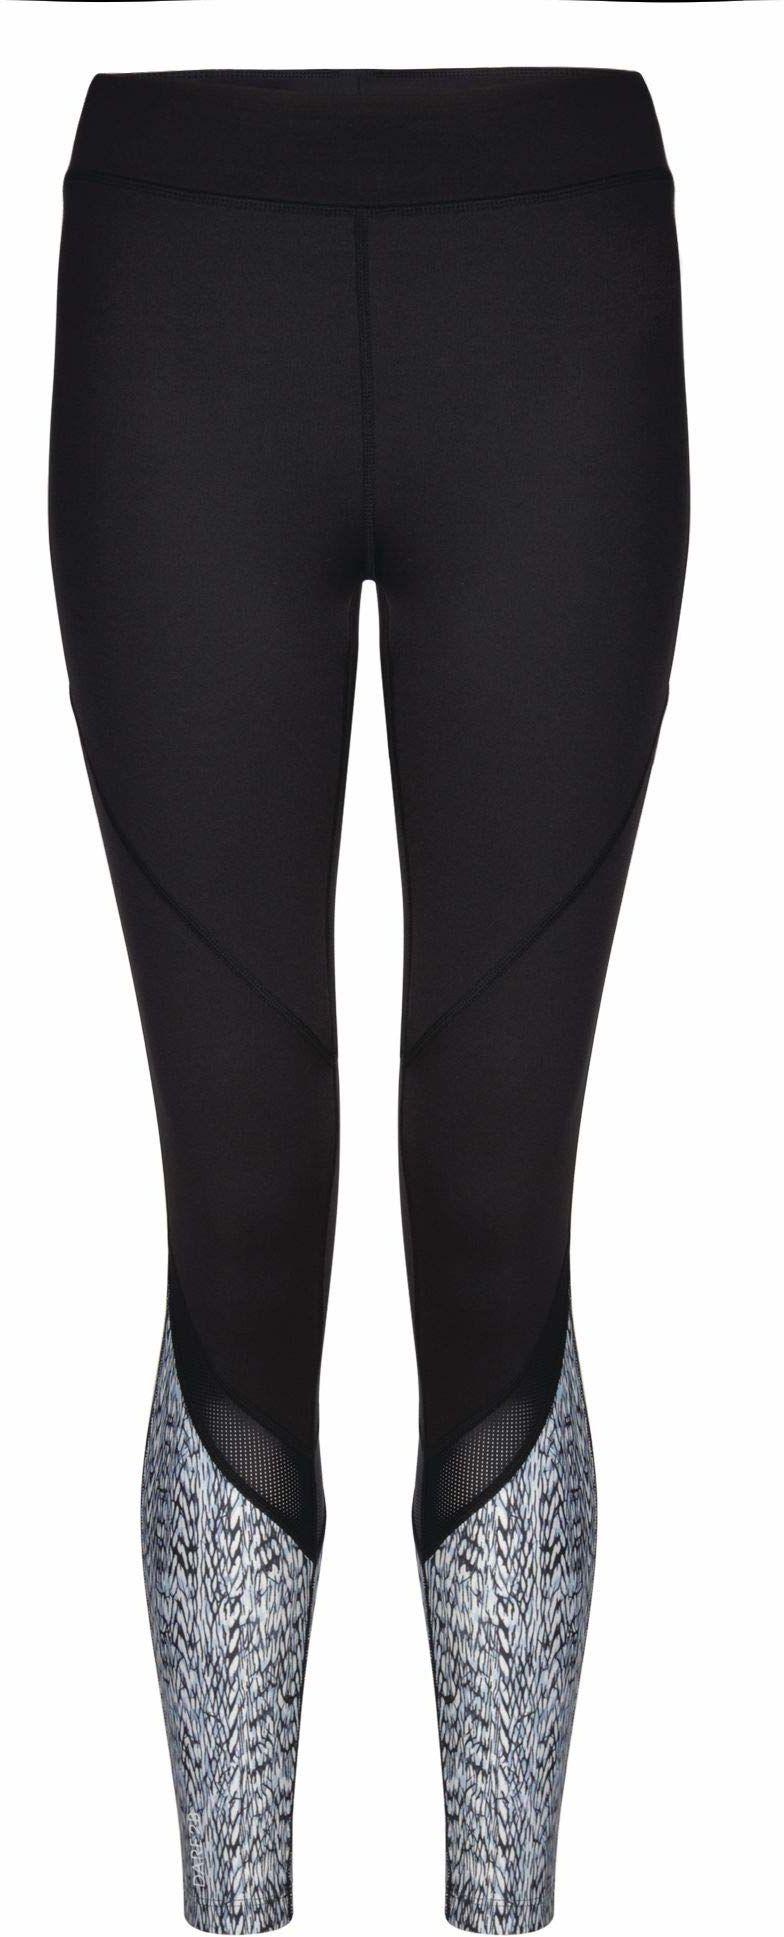 Dare 2b damskie legginsy Regenerate Tight wielokolorowa czarny/biały FR : XS (Taille Fabricant : 8)